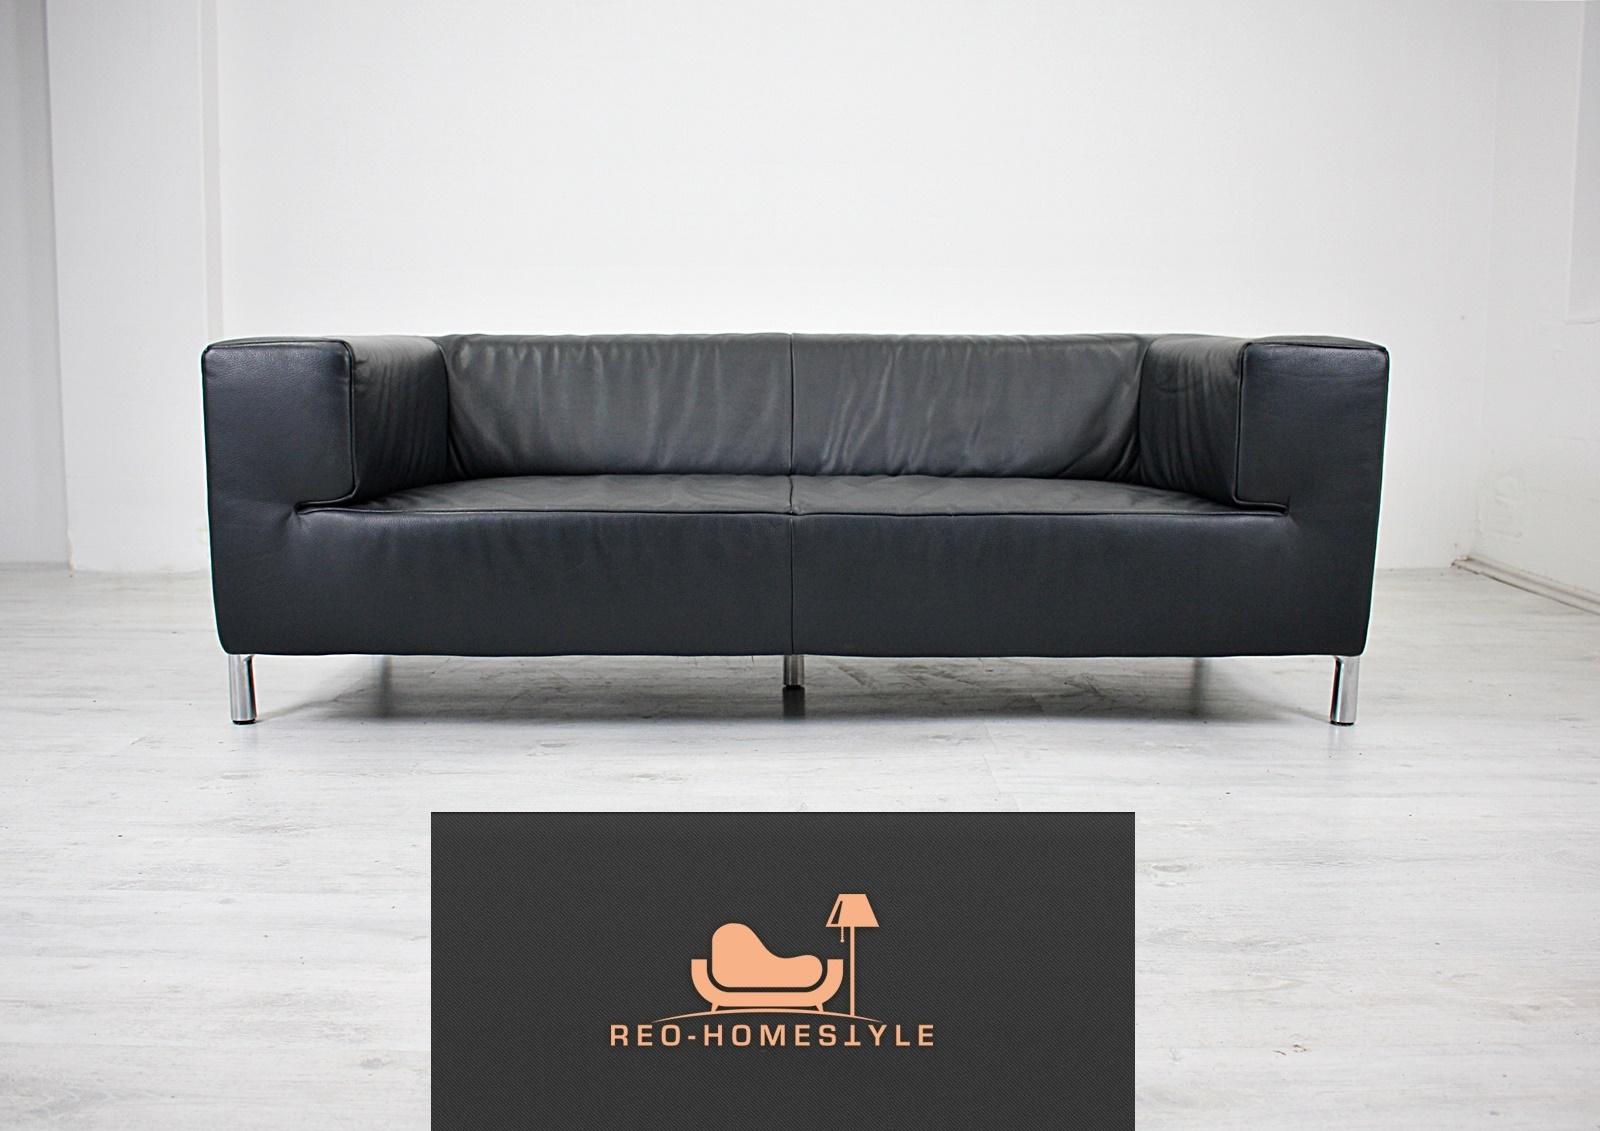 Full Size of Koinor Genesis Designer Sofa Schwarz Zweisitzer Couch Leder Big Mit Hocker Ottomane Bezug Ecksofa Langes 3 Sitzer Wohnlandschaft Garten Sofort Lieferbar Xxl Sofa Sofa Leder